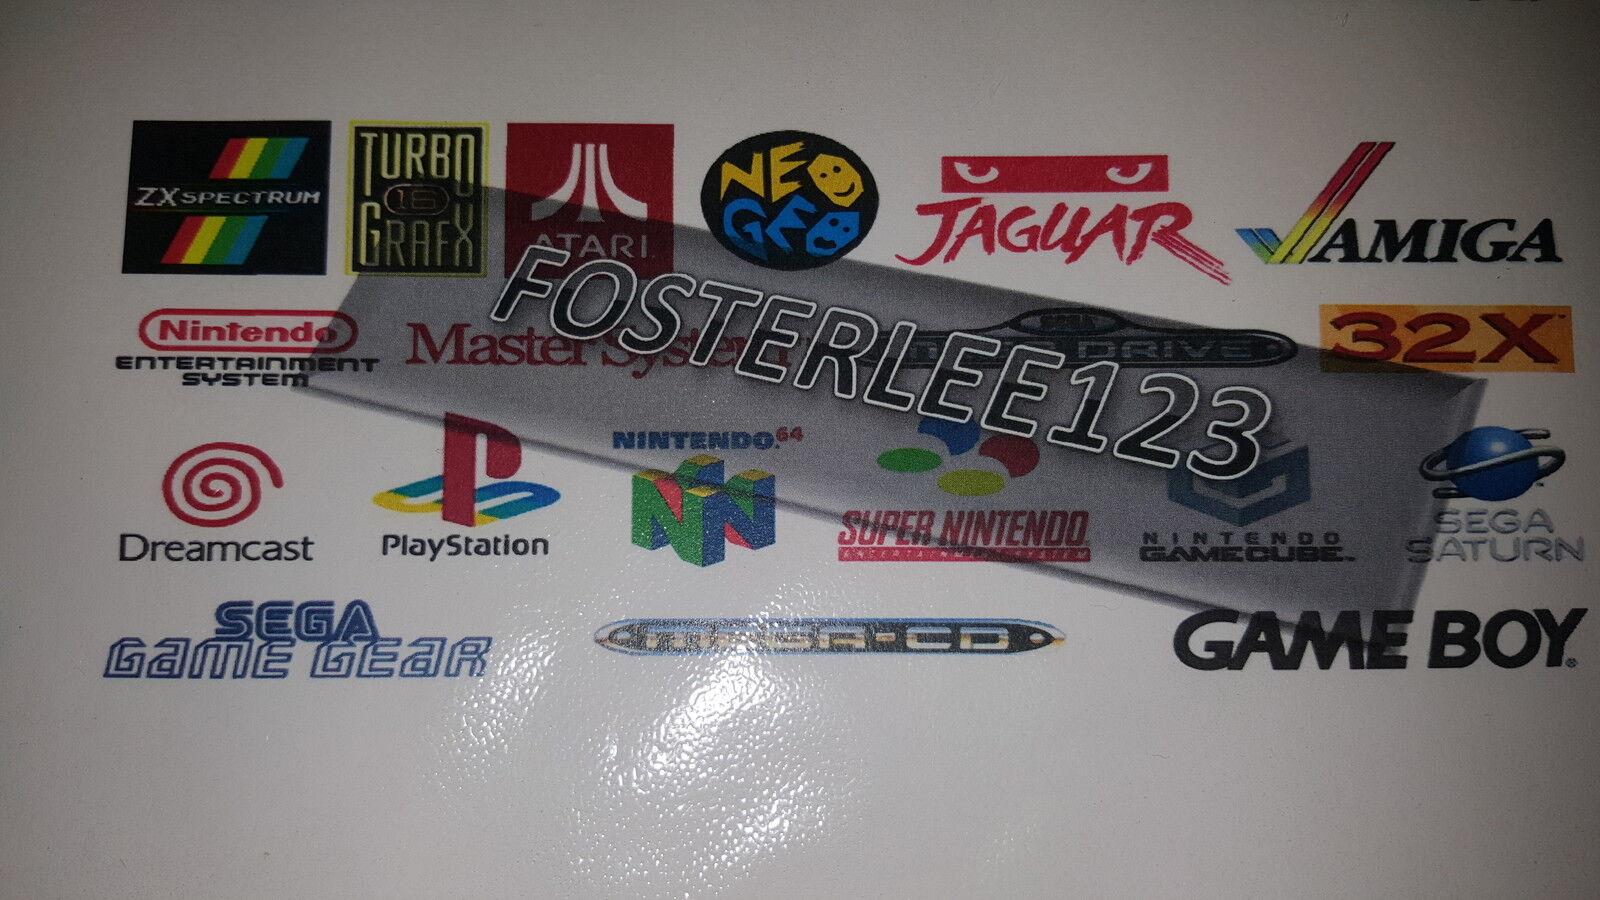 fosterlee123